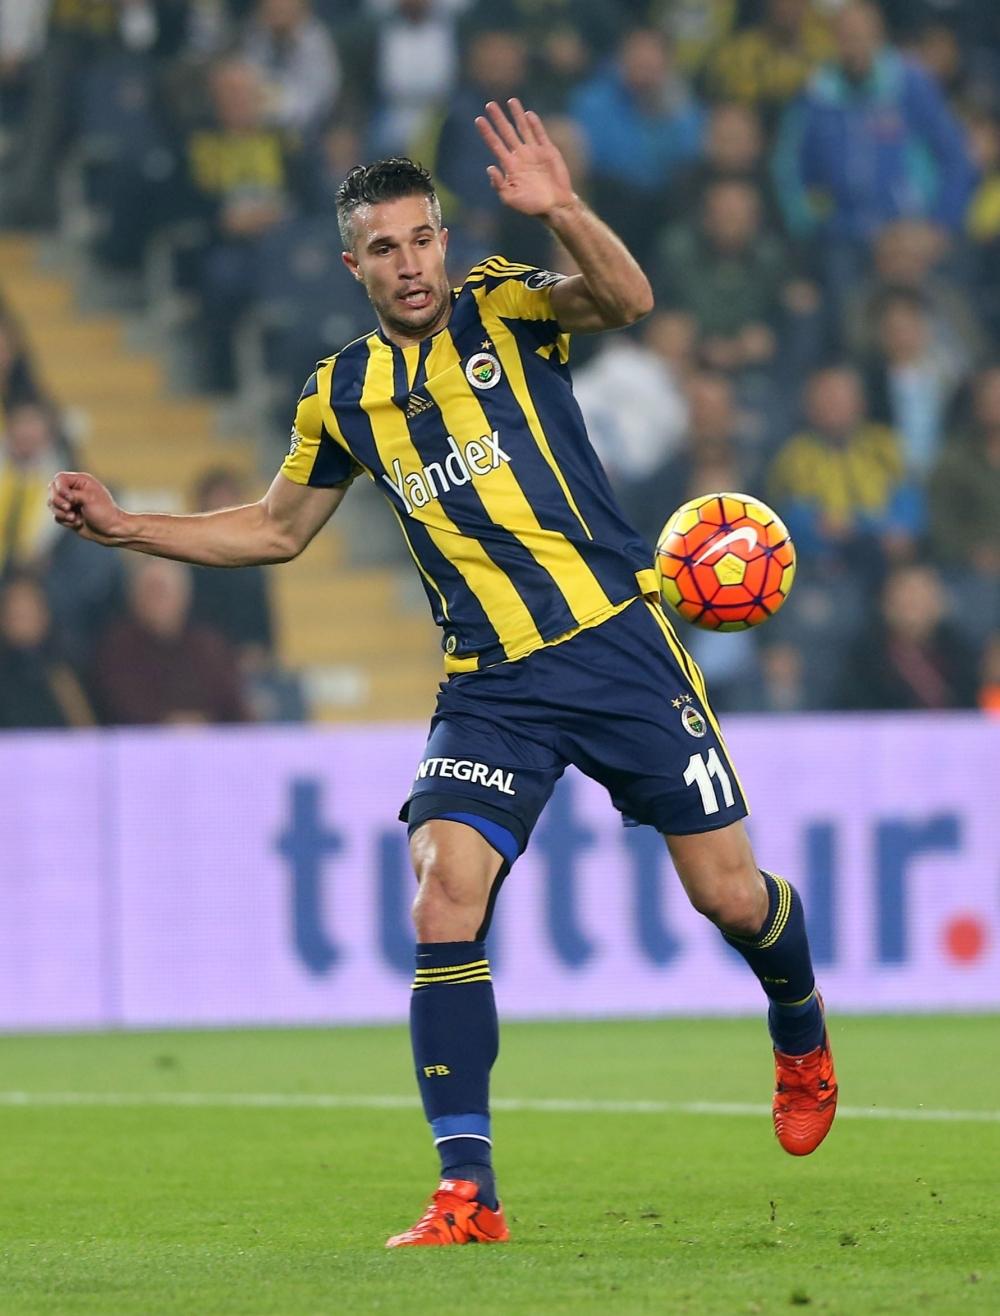 Fenerbahçe - Torku Konyaspor 14